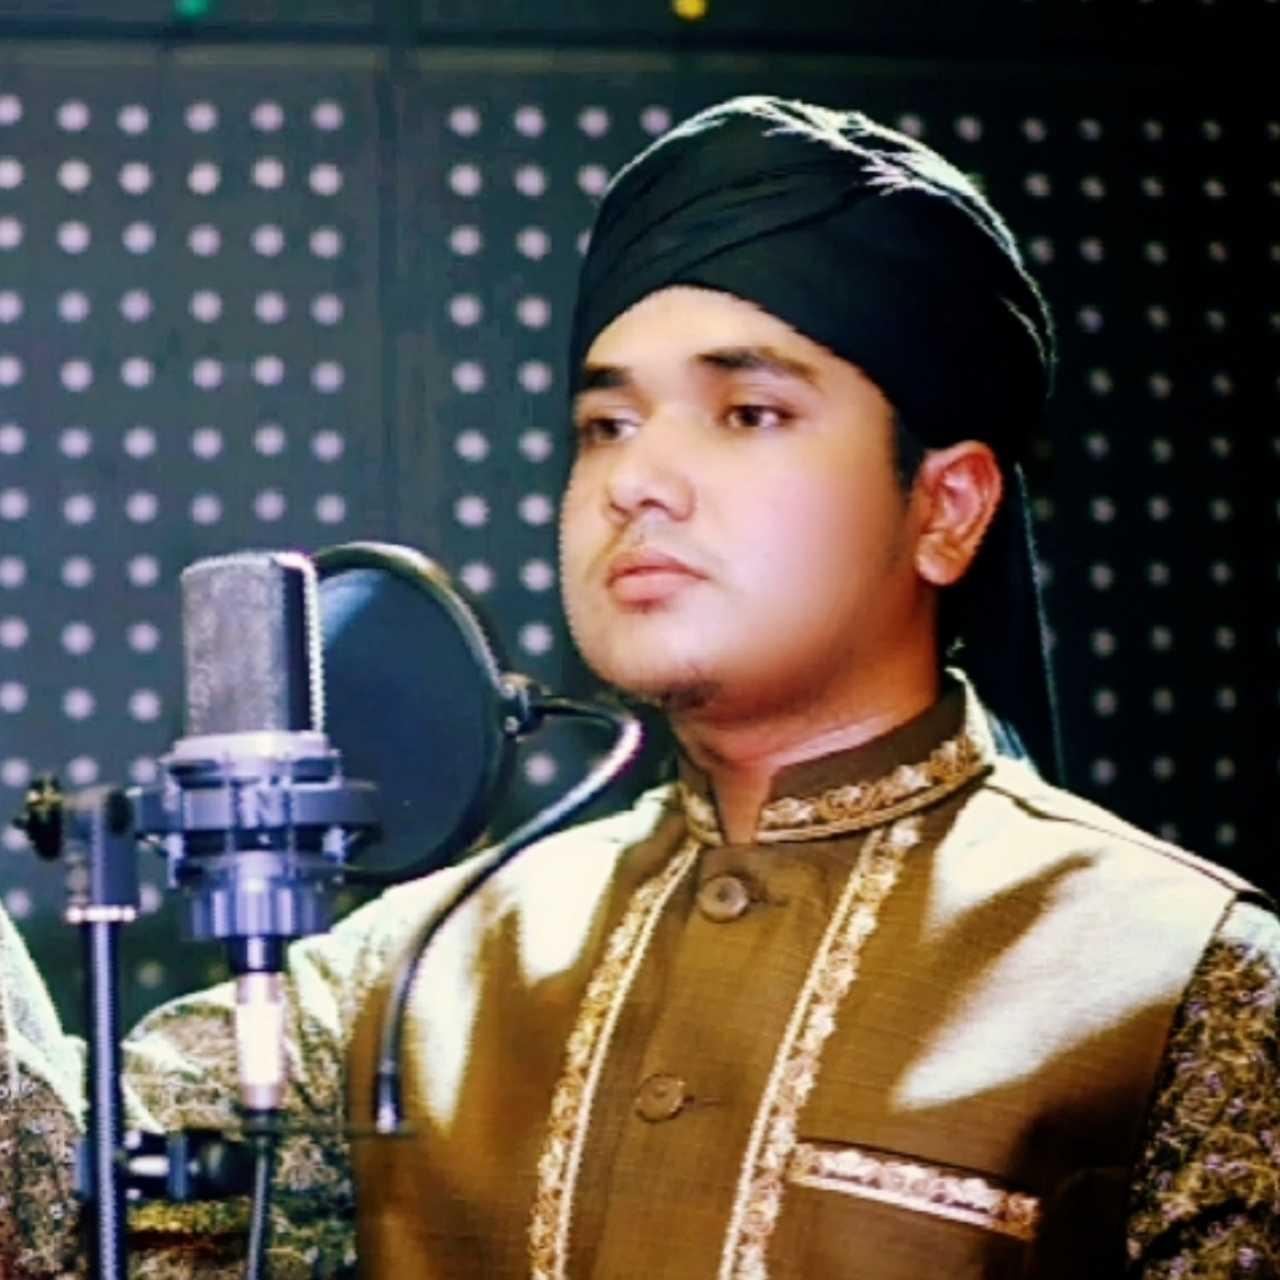 Junaed Ahmad Emran